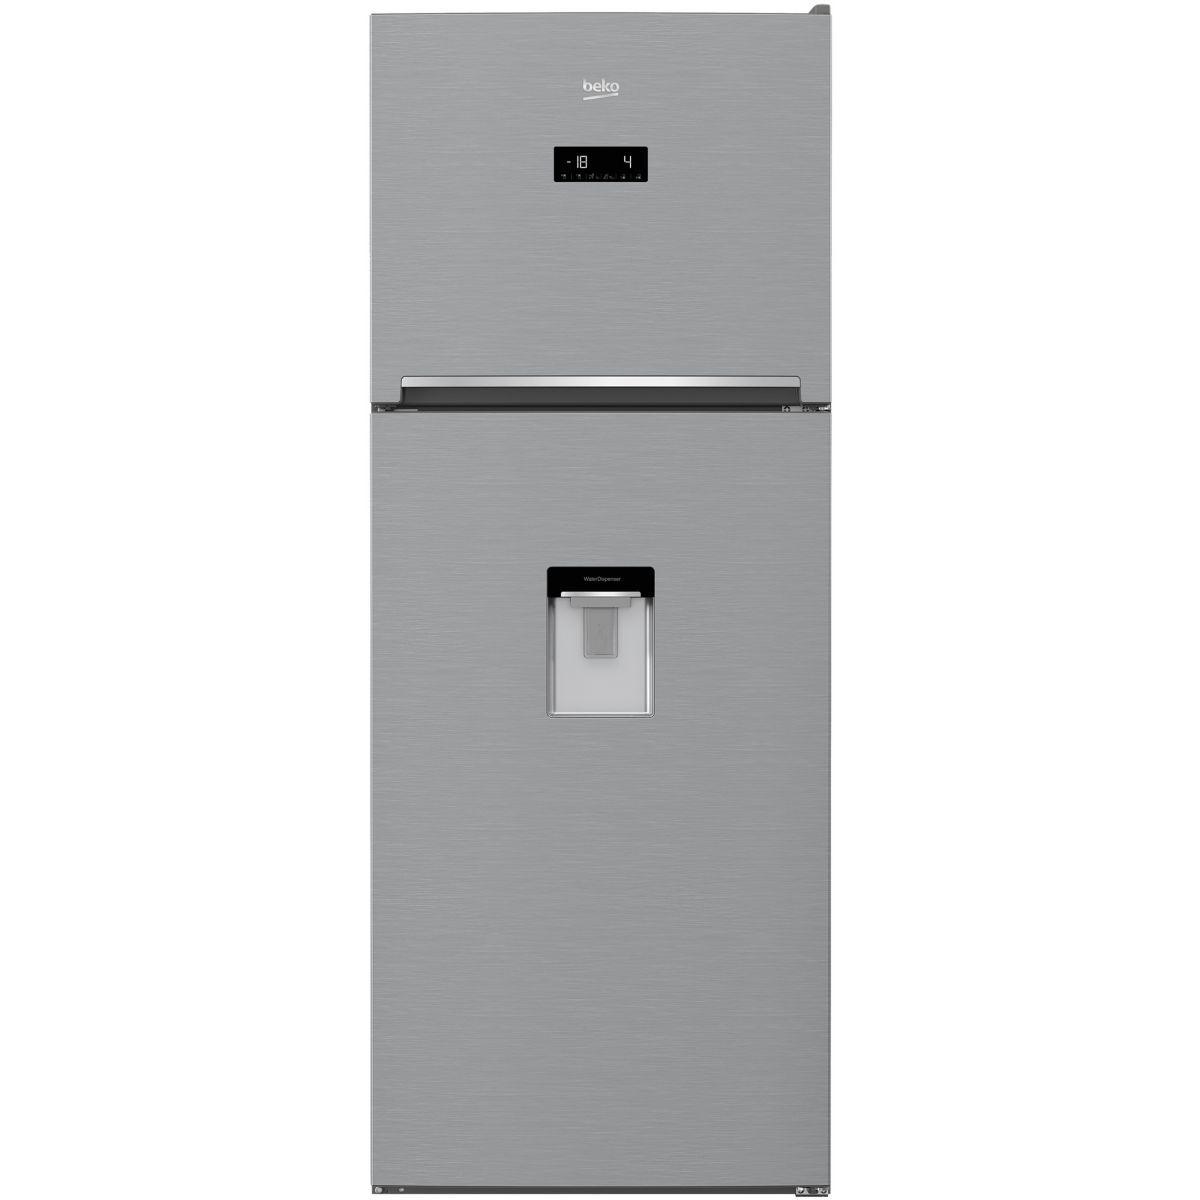 Réfrigérateur 2 portes BEKO RDNT470E20DZBS